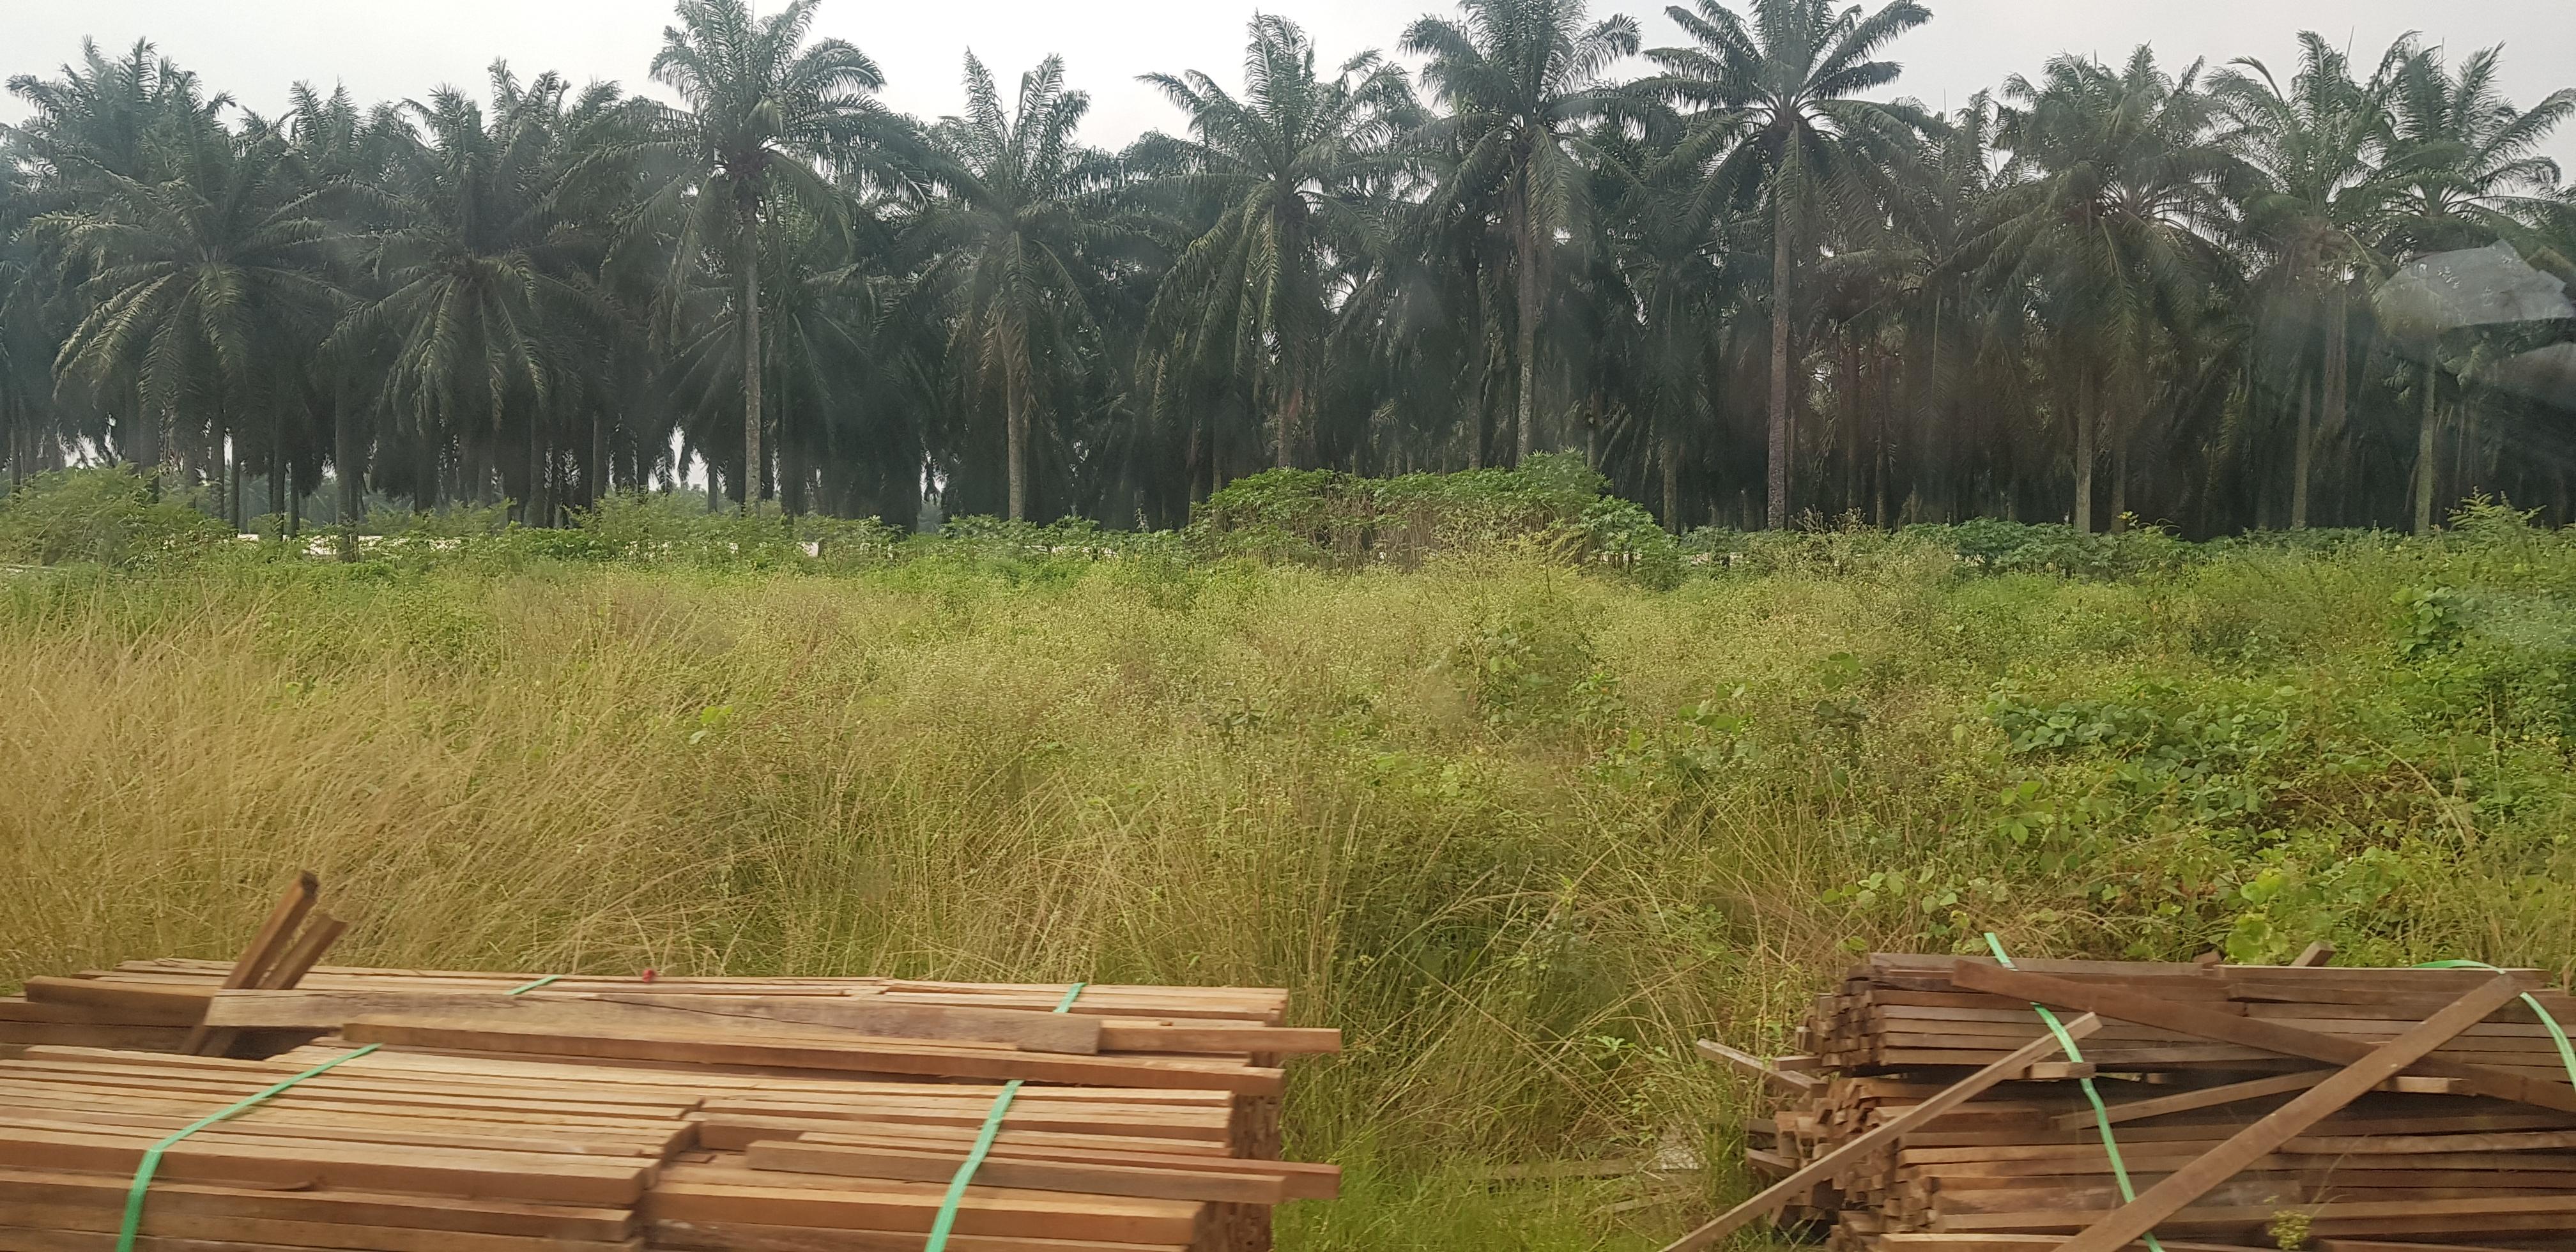 Penang 10 acres south Batu Kawan Potential for industrial